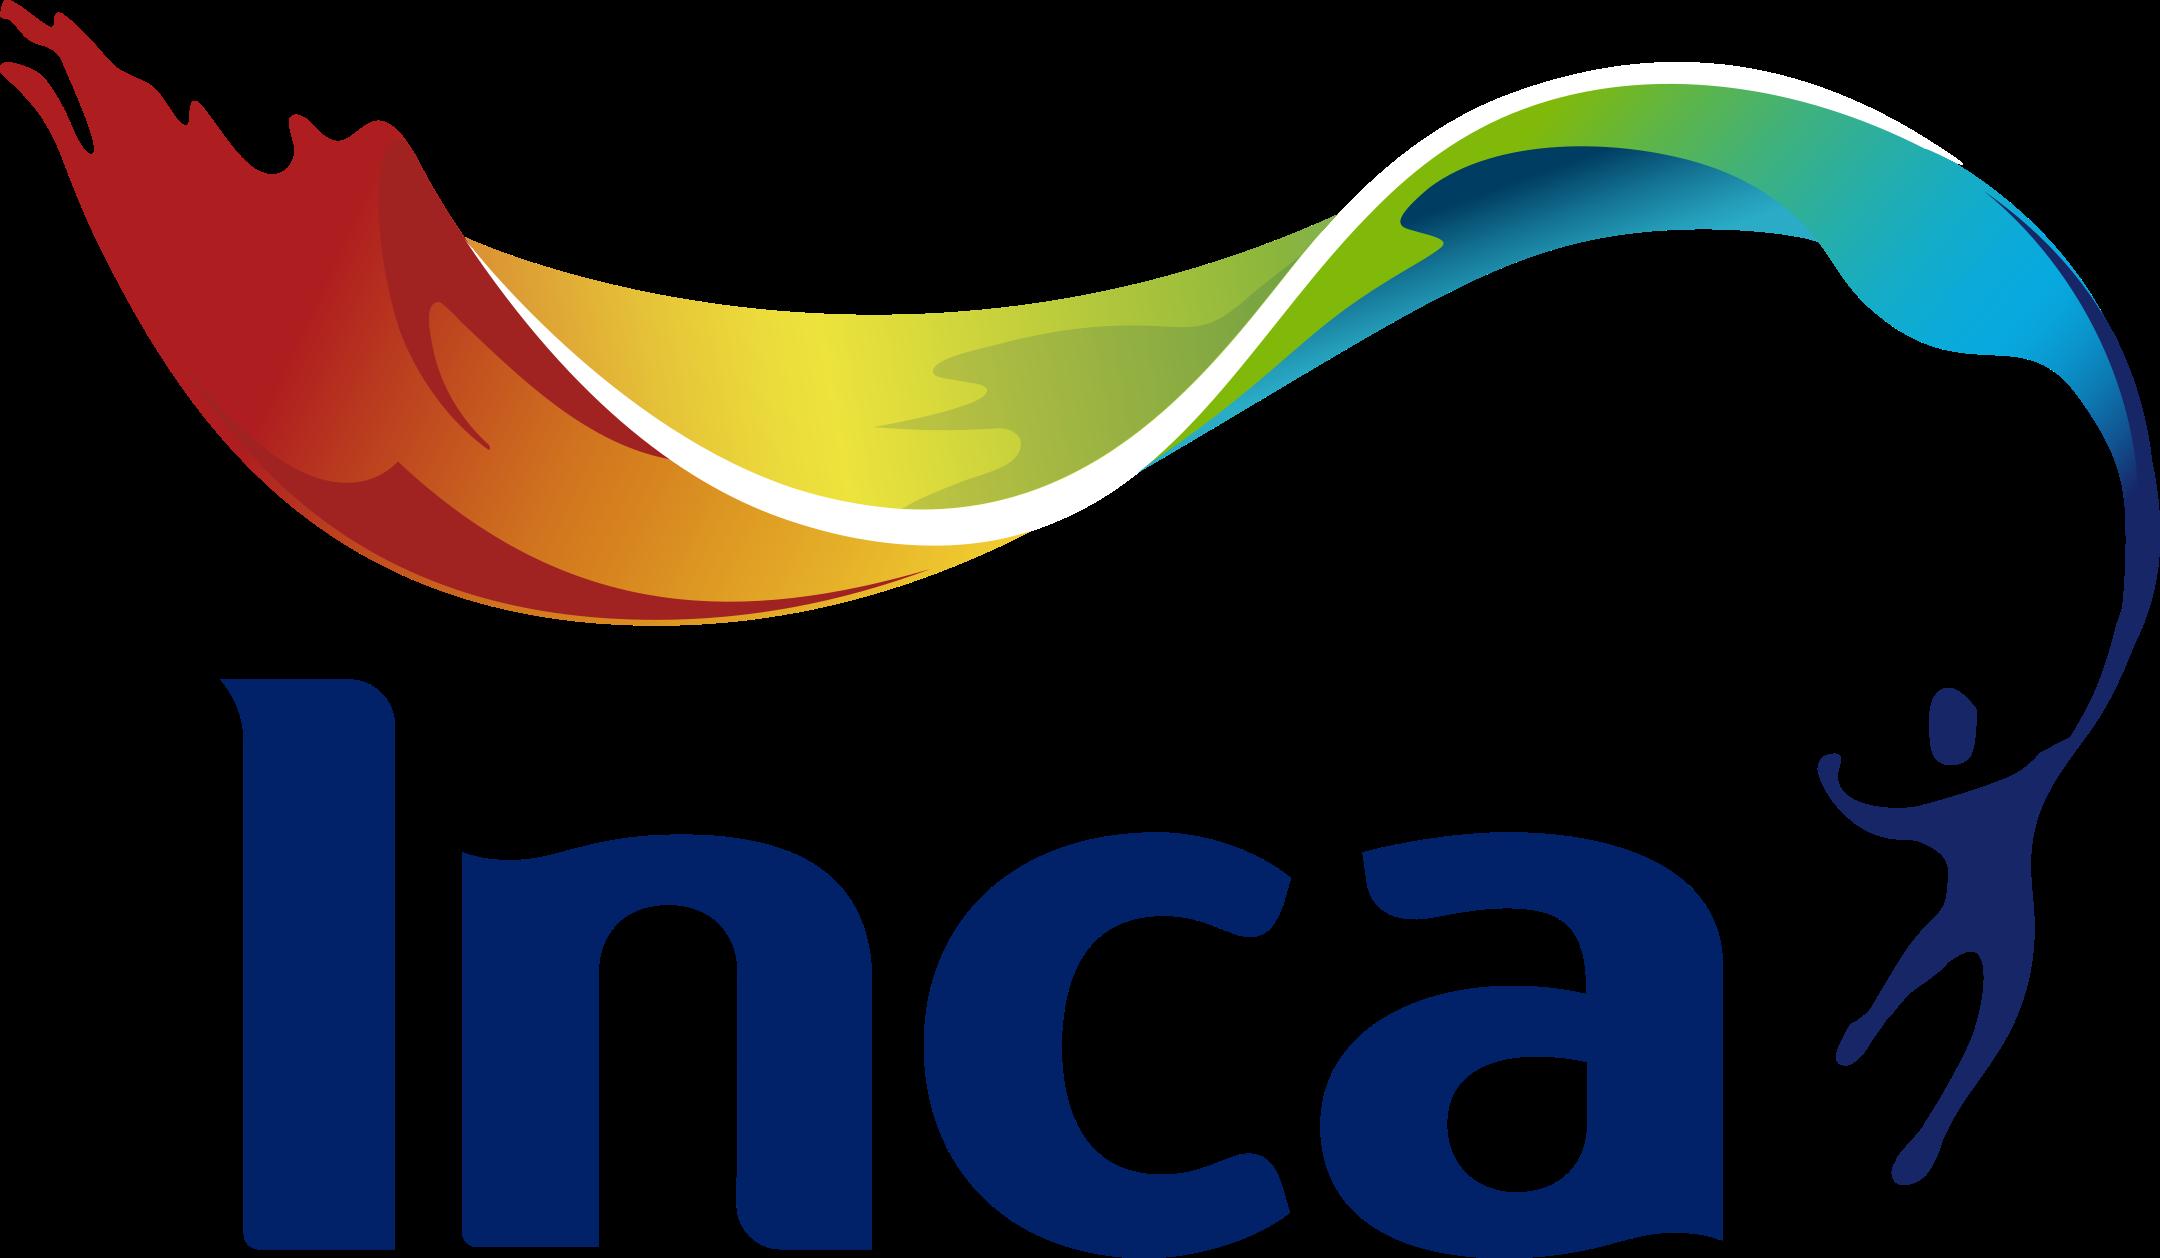 inca pinturas logo 1 - INCA Pinturas Logo